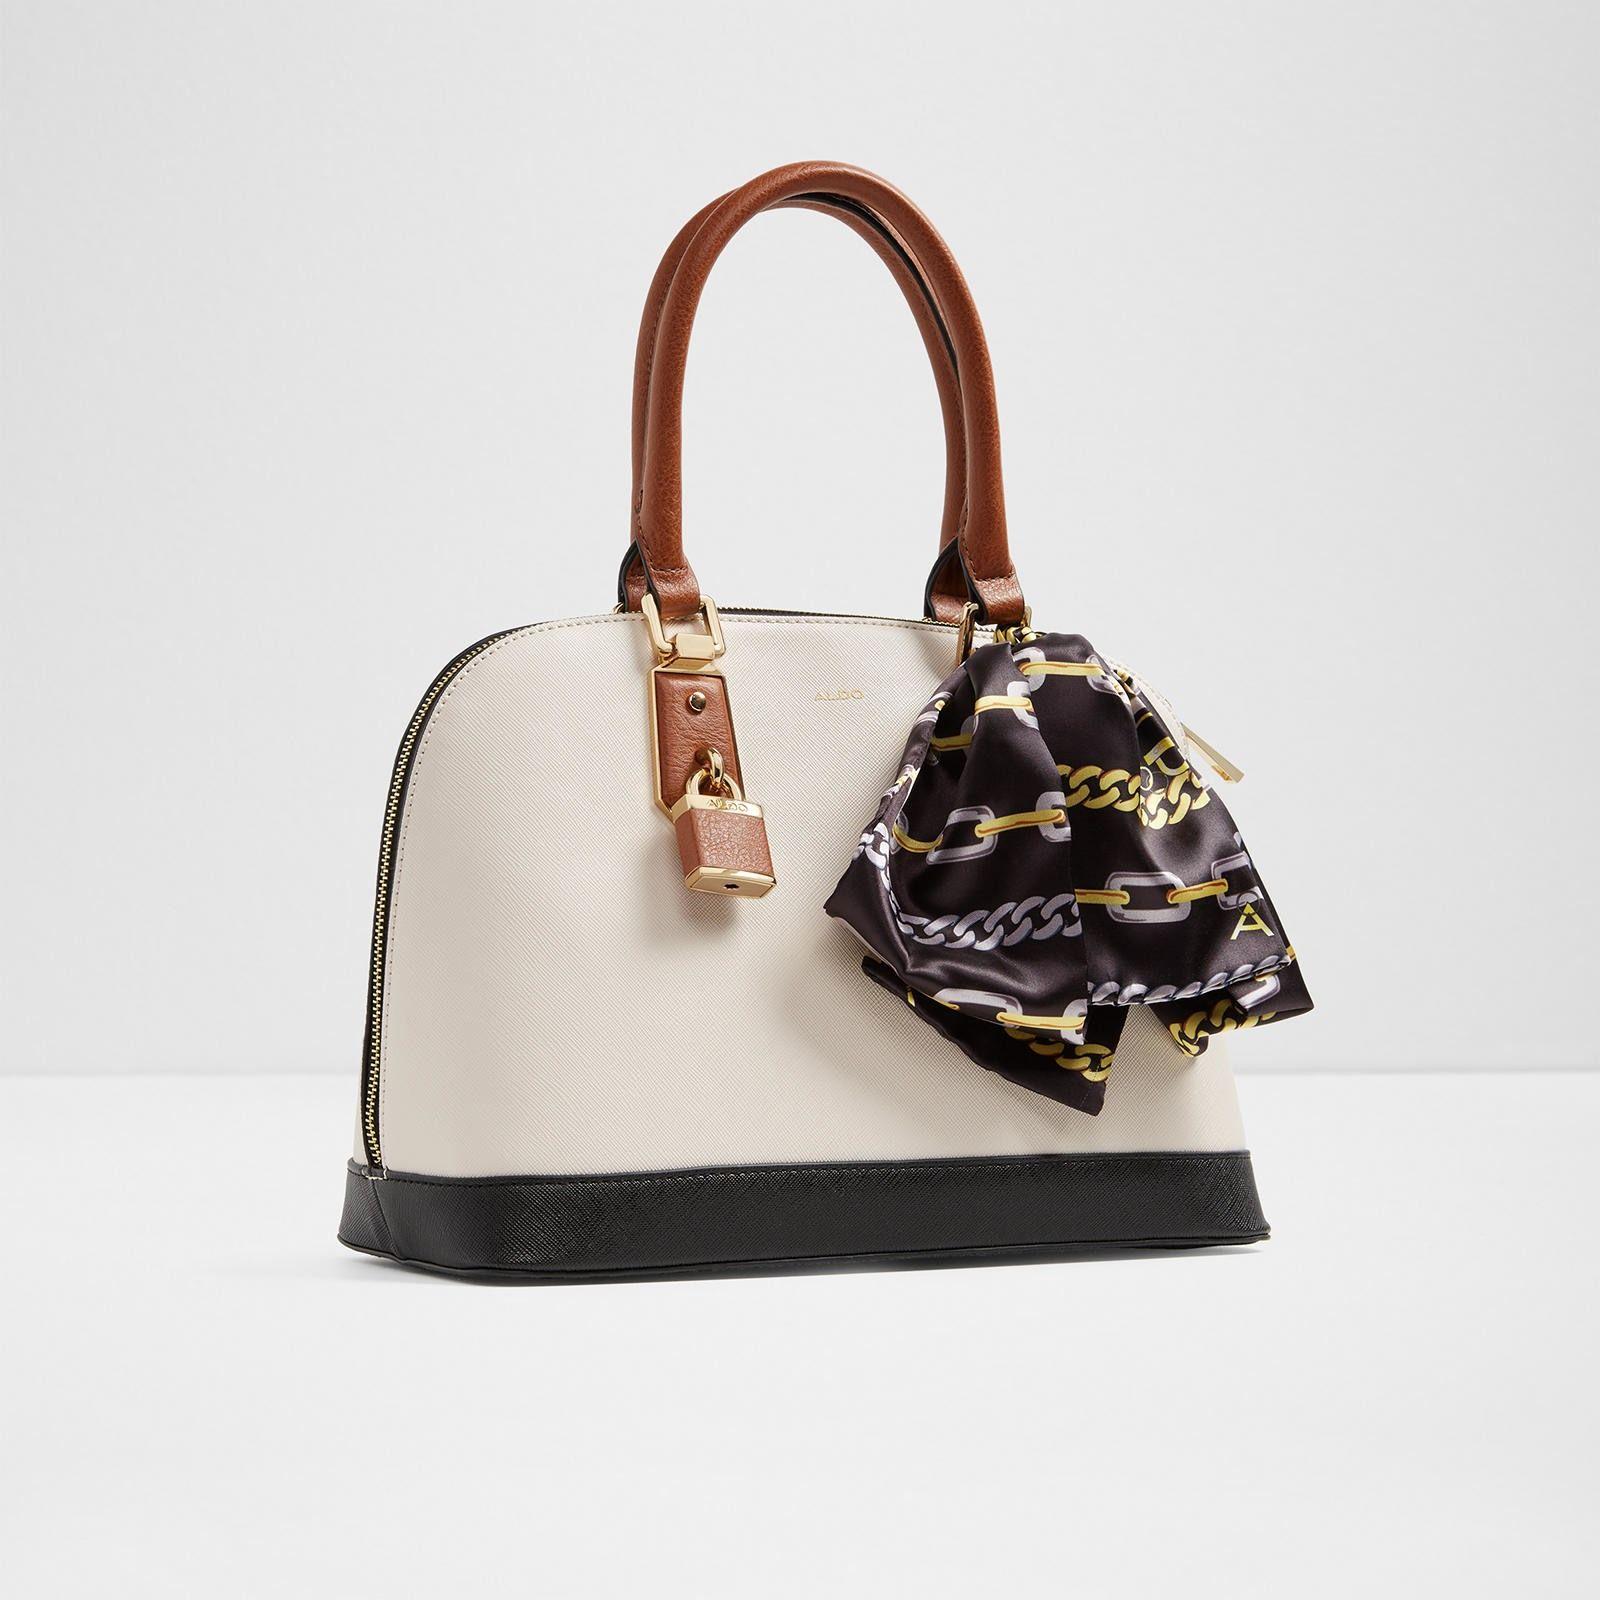 Handbags Aldo Canada Artofit